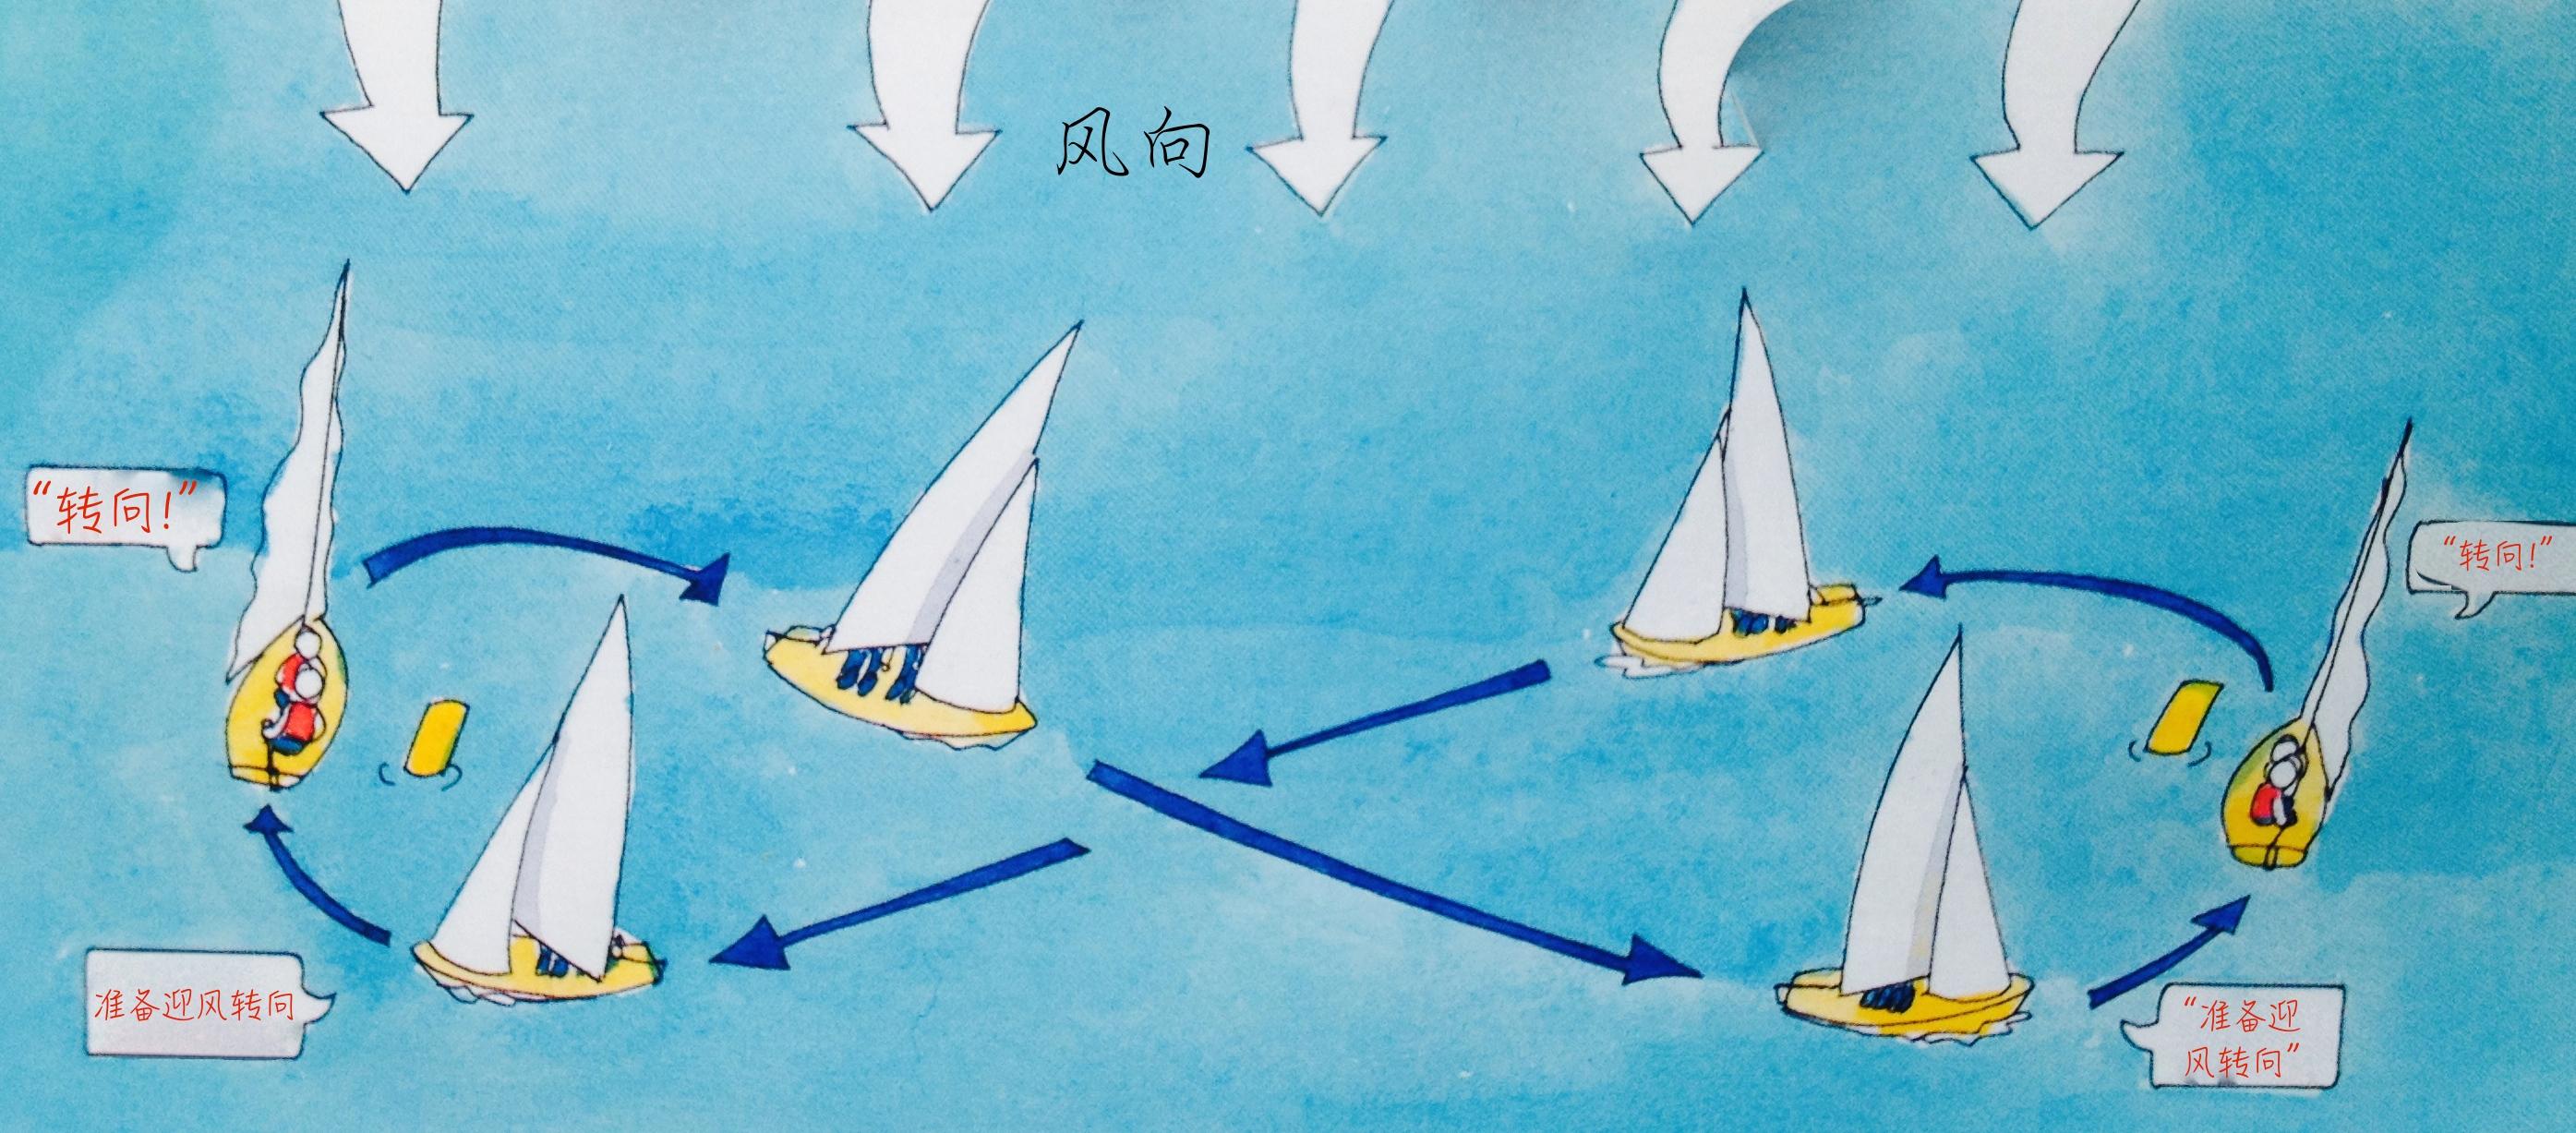 转向就是把船头调离原来的方向和路线,穿越过正顶风之后,驶向另一个方向。 9d.jpg